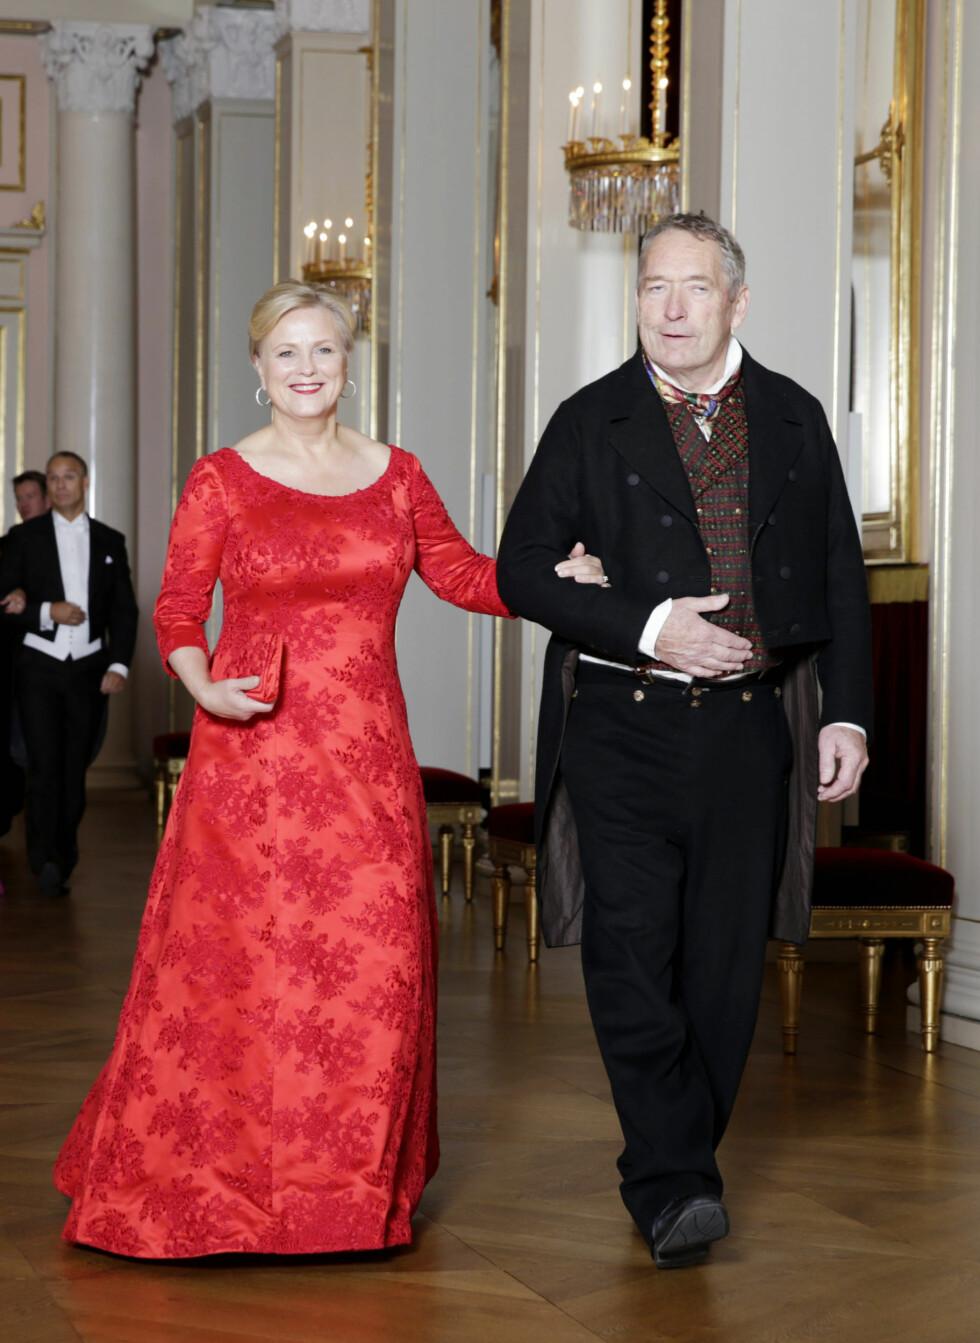 LADY IN RED: Kulturminister Thorhild Widvey (H) hadde på seg en knallrød kjole og matchende leppestift.  Foto: NTB scanpix